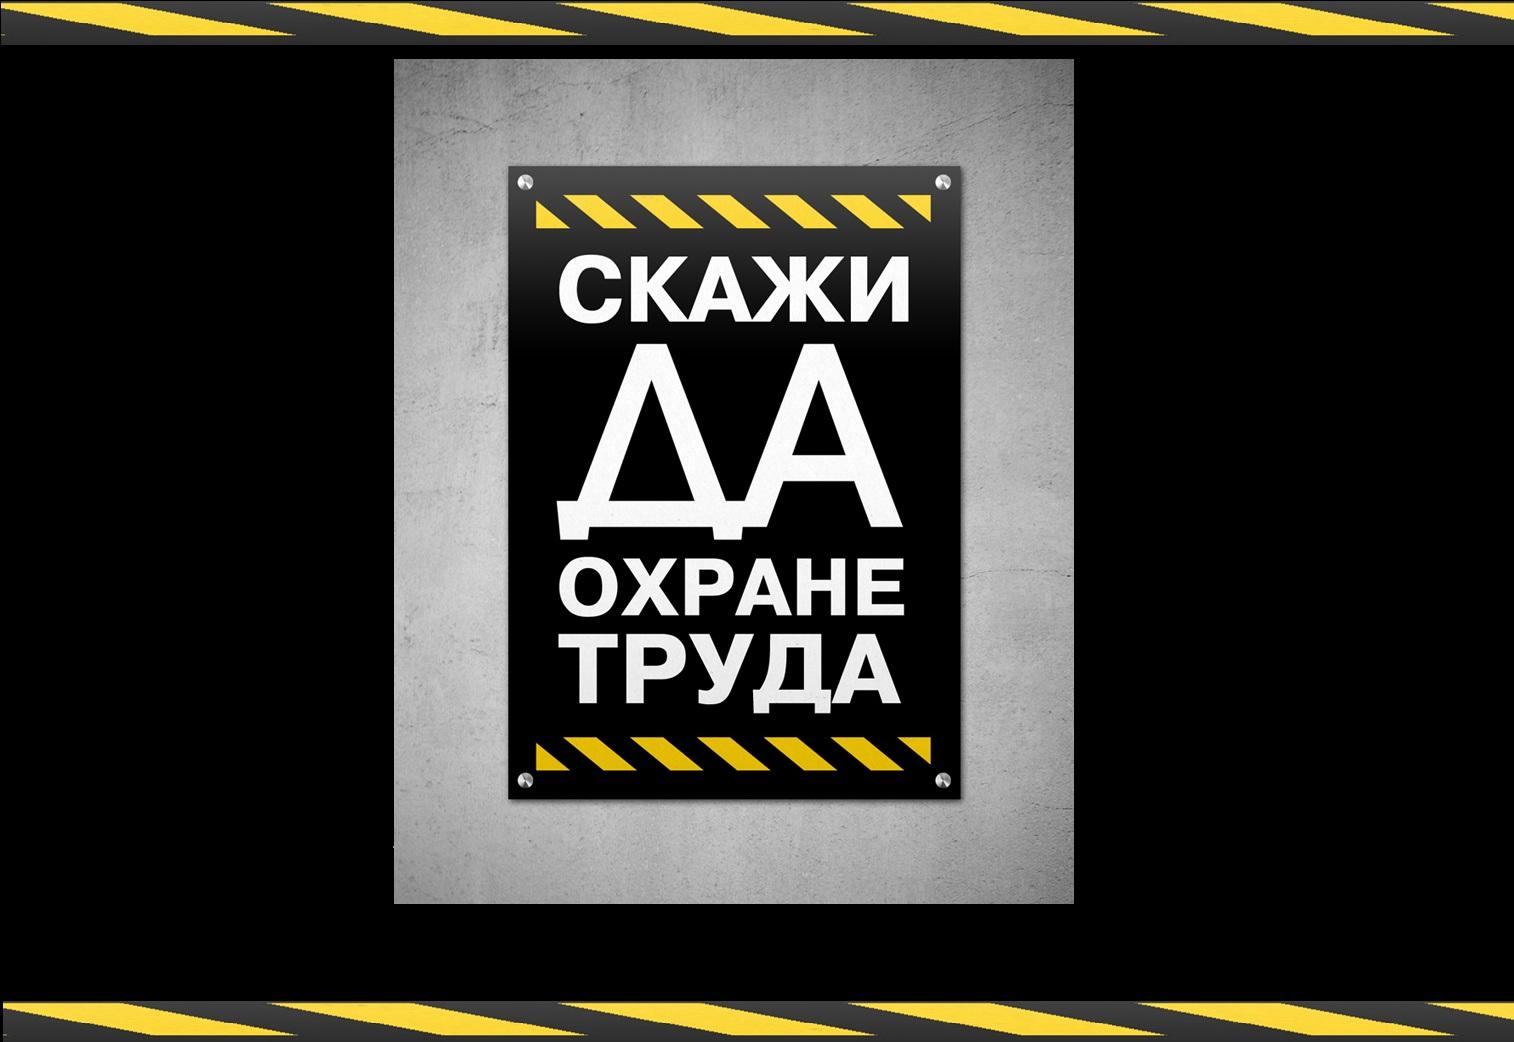 mintruda-razrabotaet-pravila-po-ohrane-truda-dlya-sotrudnikov-chop-2